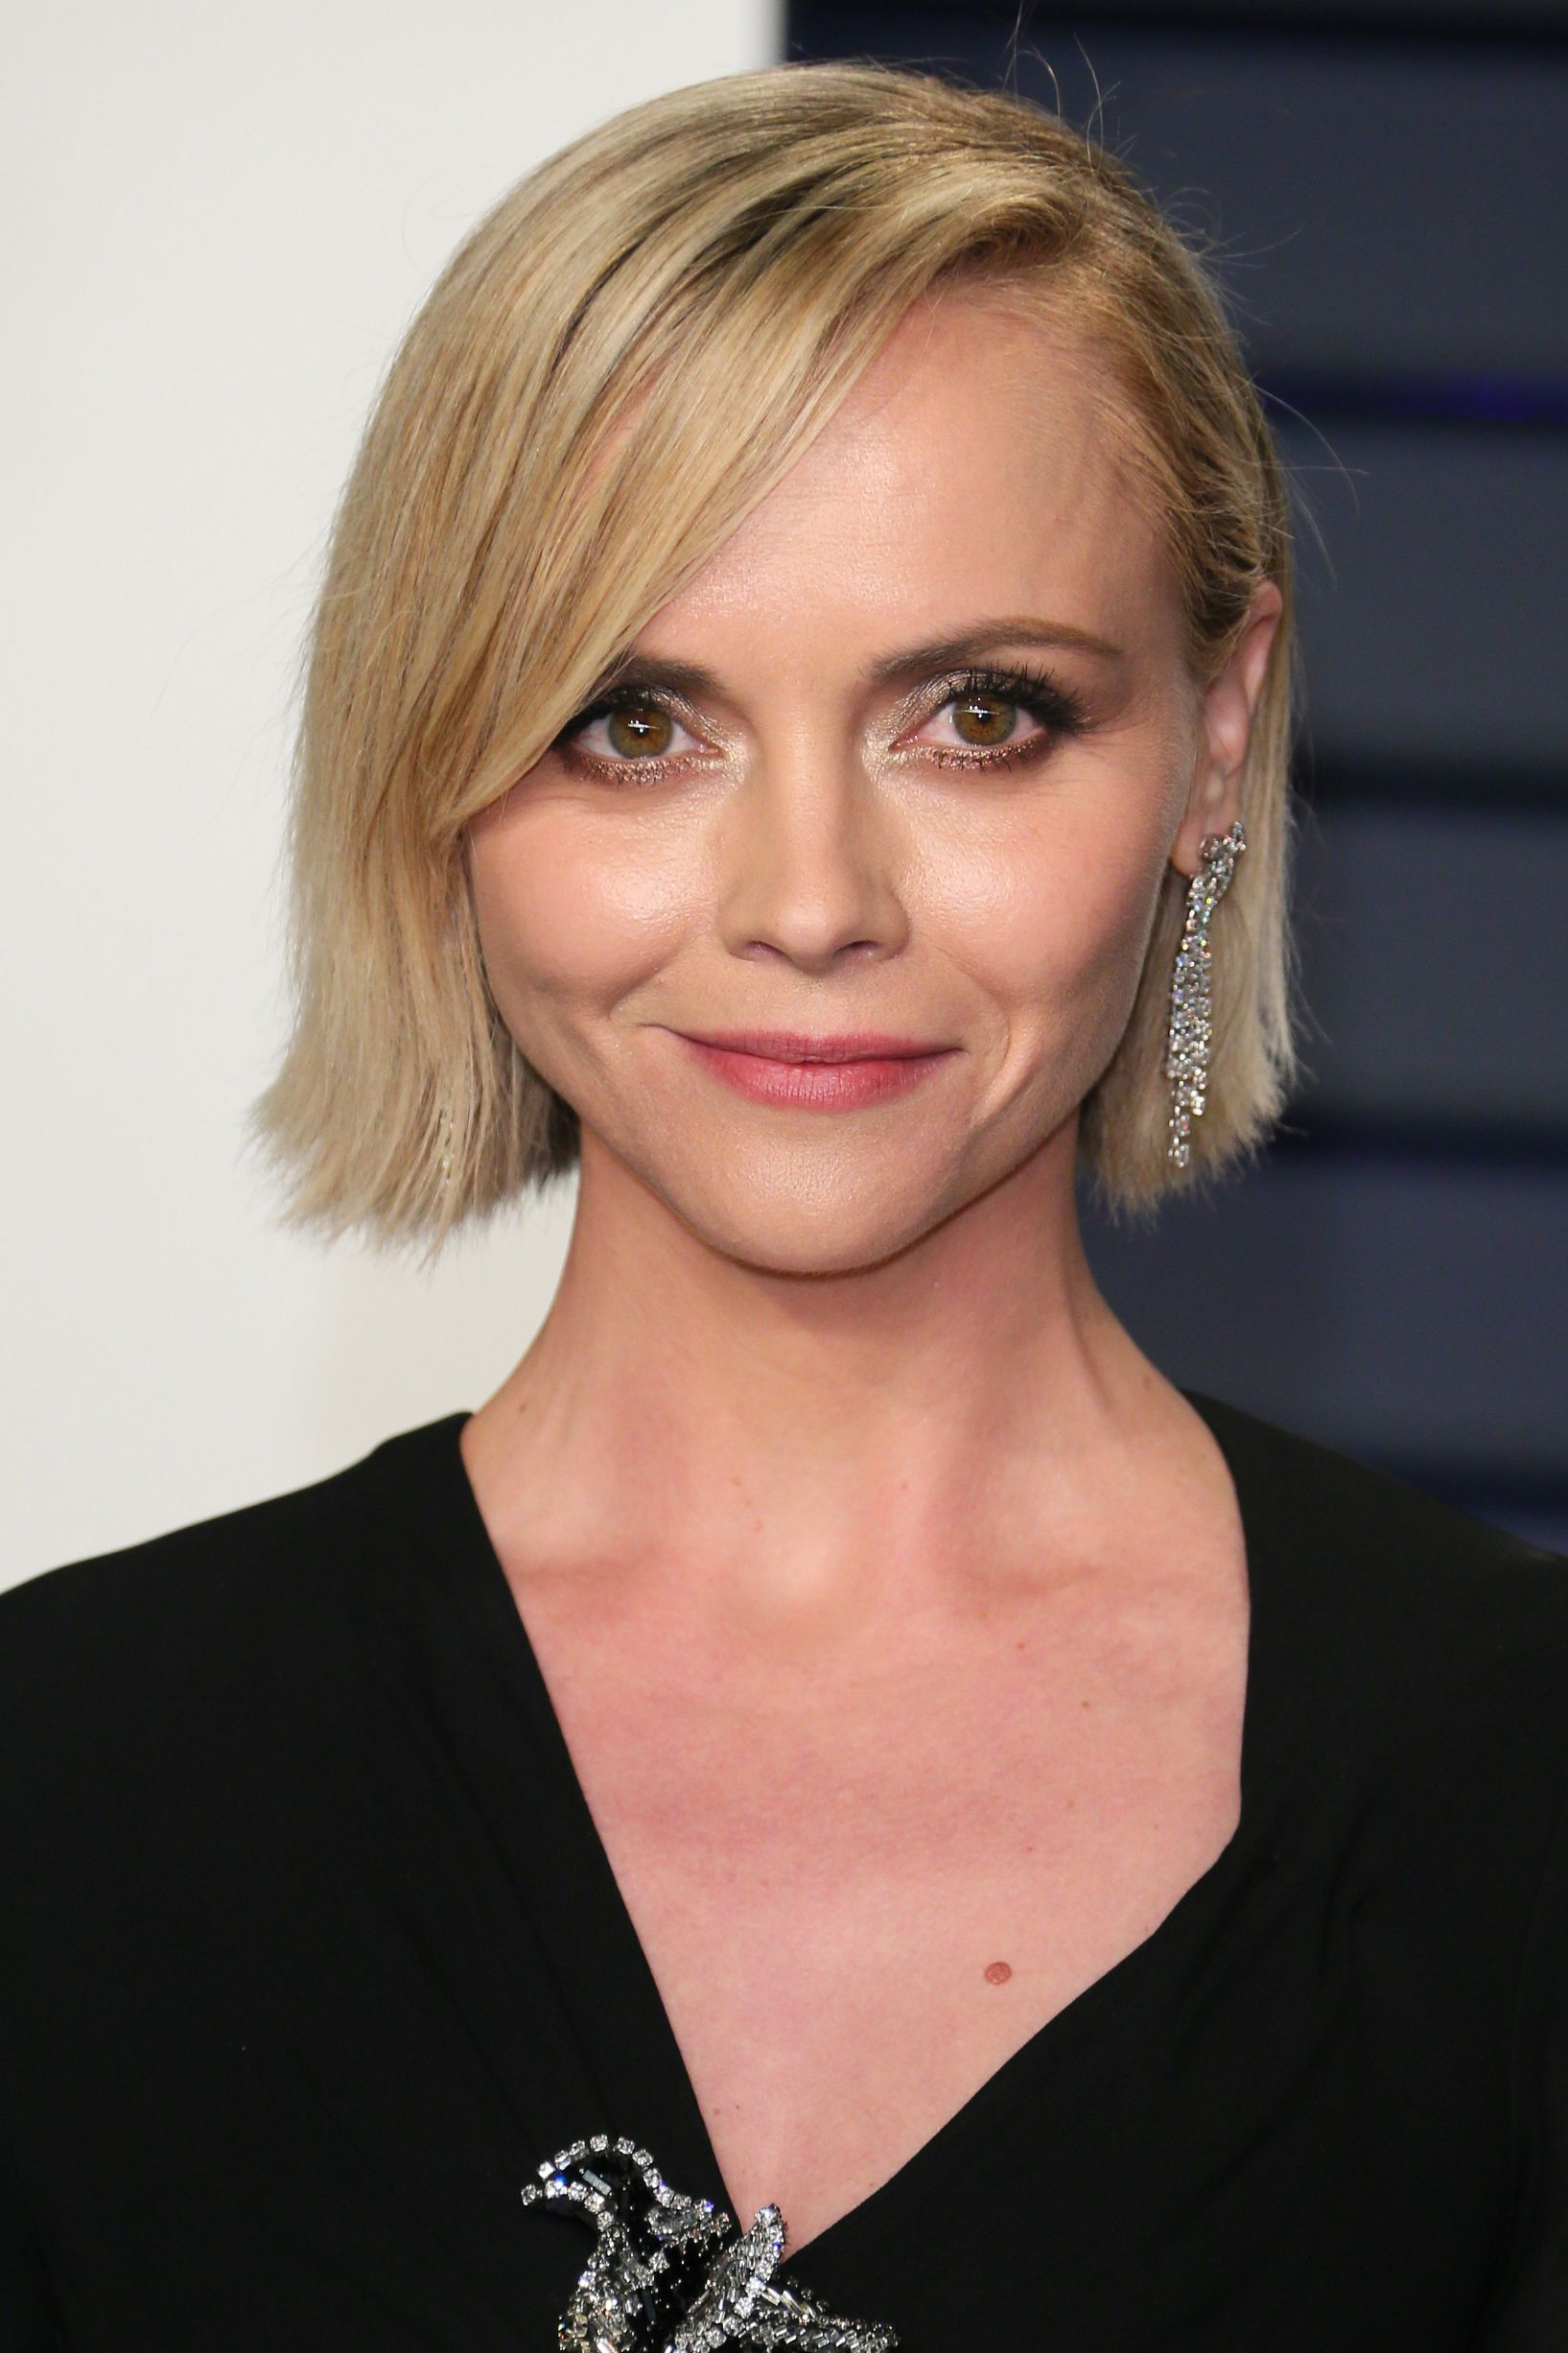 Oscars 2019 Hair And Makeup